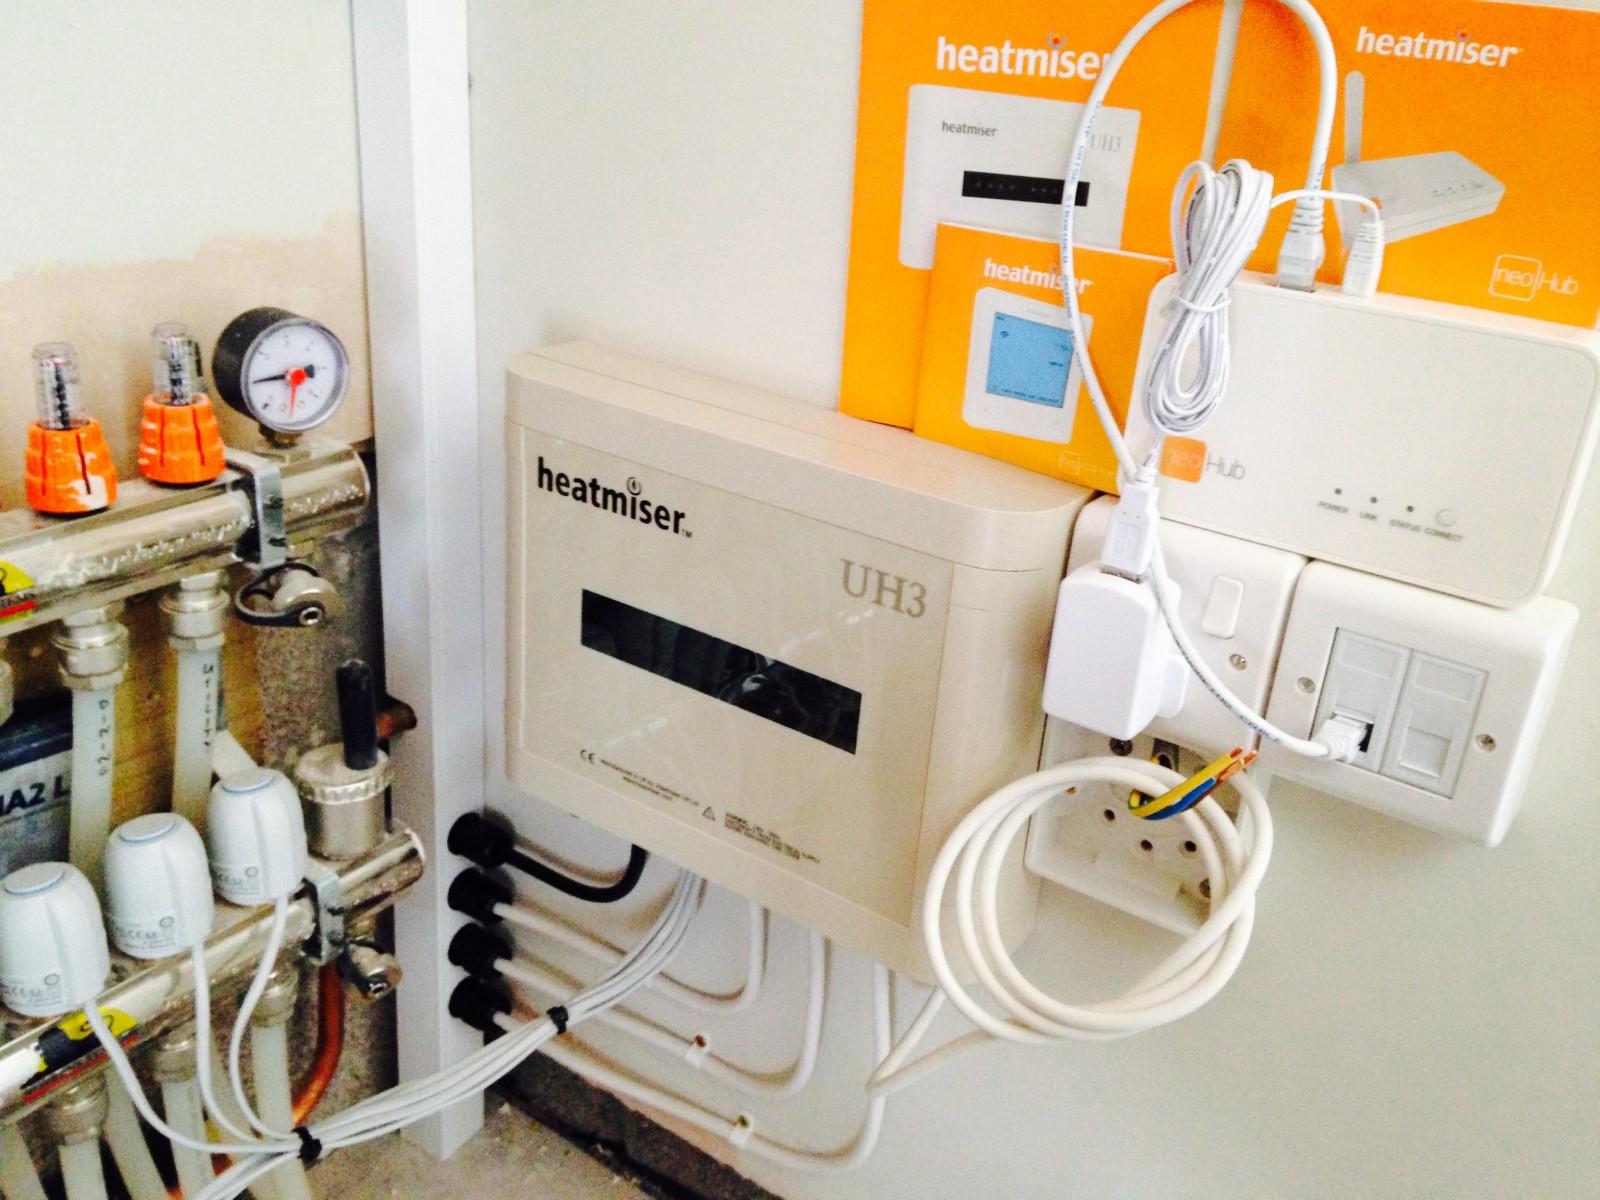 Heatmiser under floor heating system installer